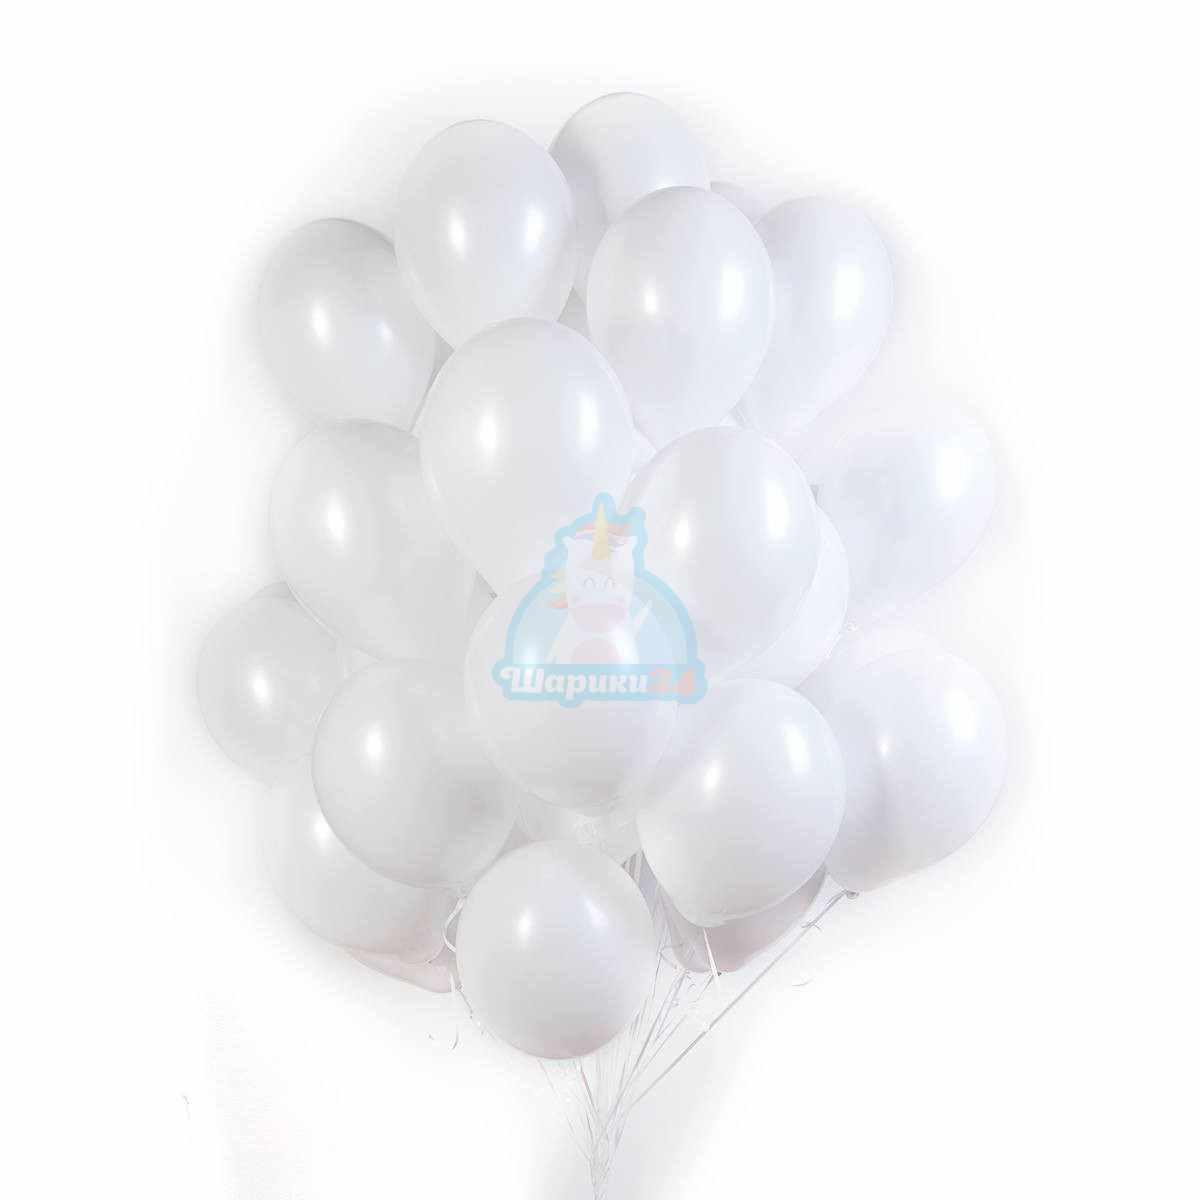 Белые шарики матовые фото в интернет-магазине Шарики 24